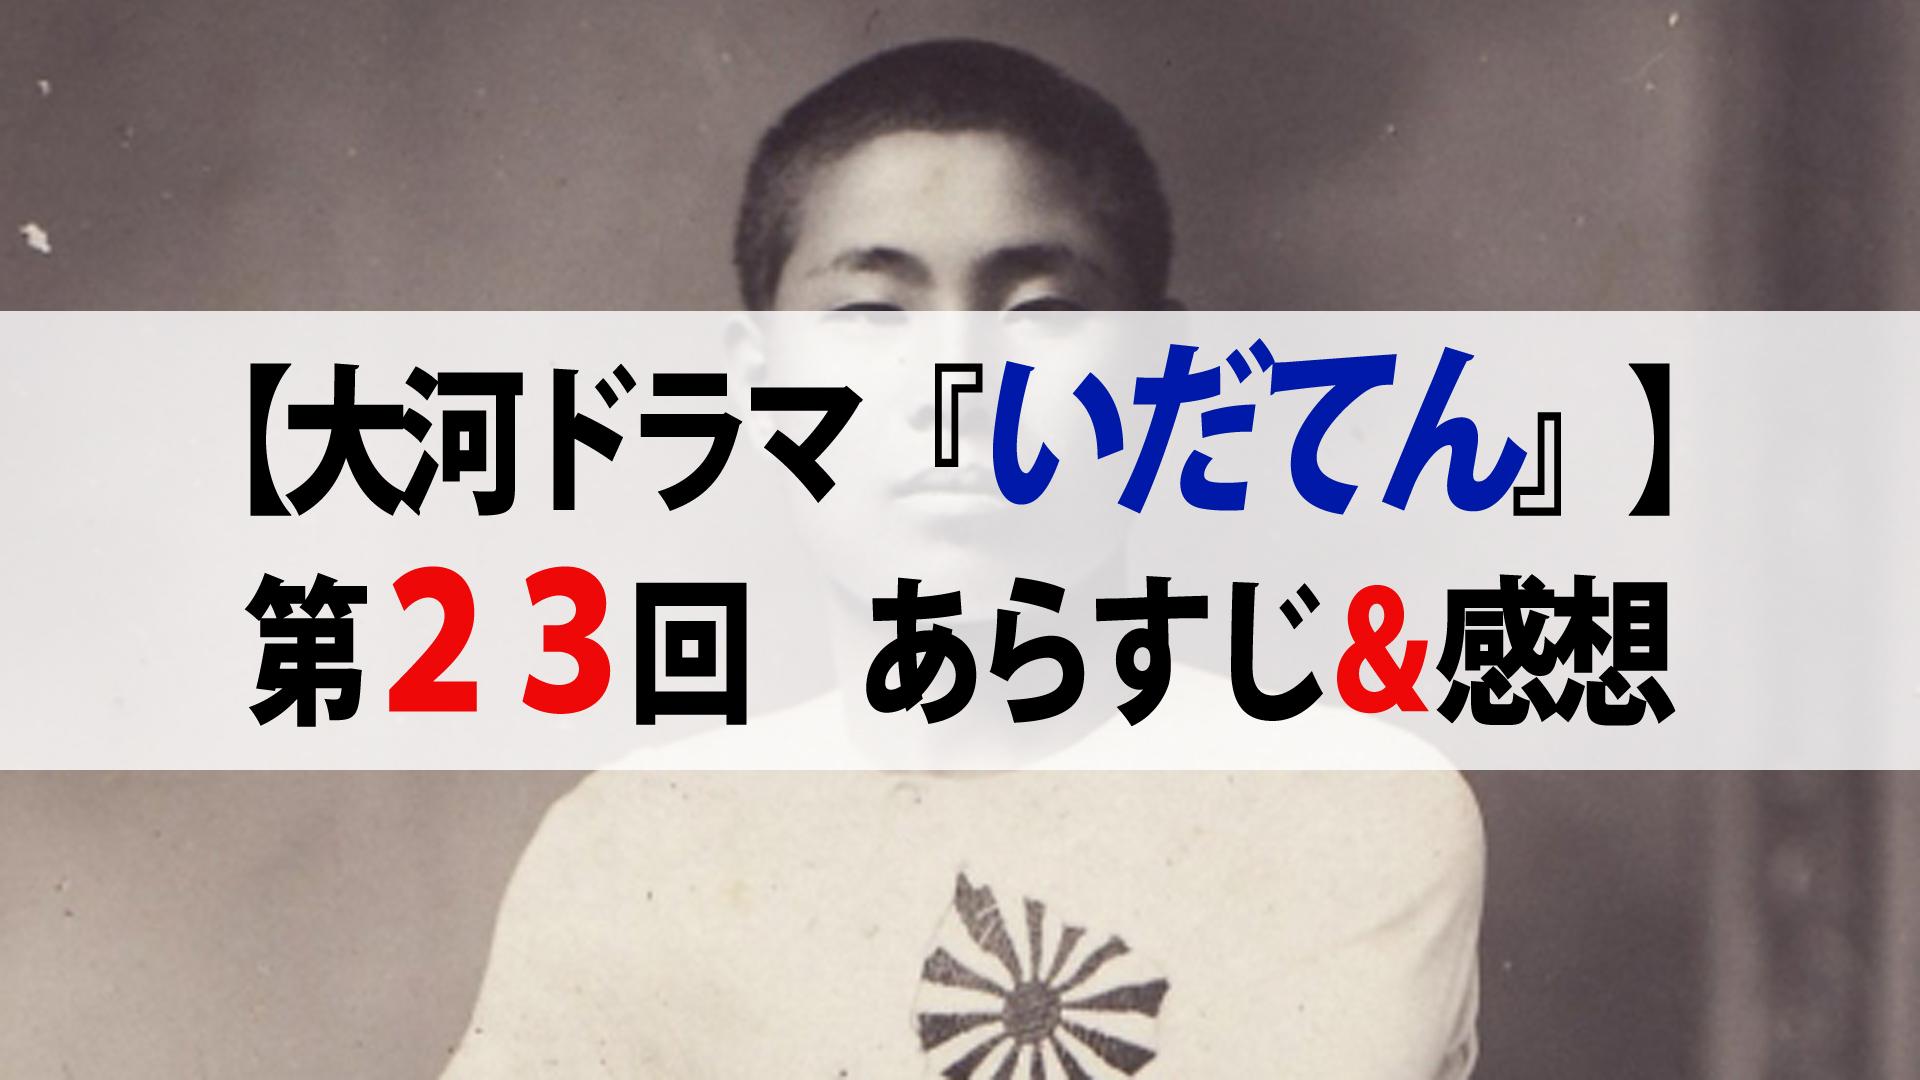 【大河ドラマ『いだてん』】第23回『大地』あらすじ&感想